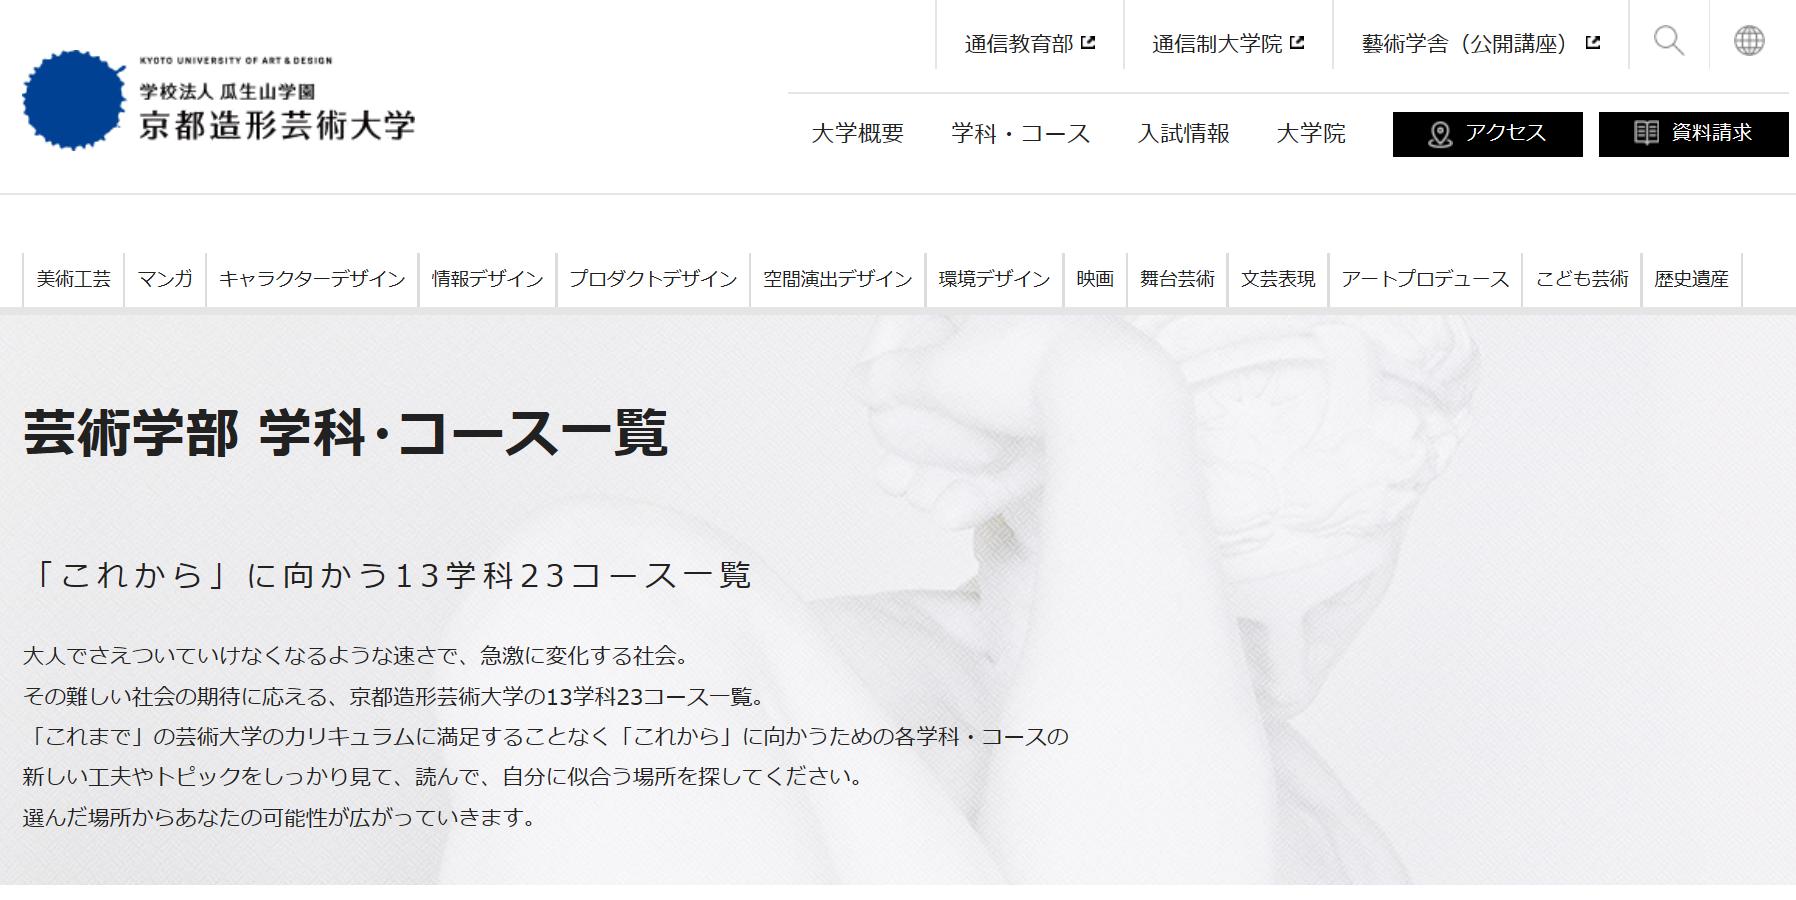 京都造形芸術大学の評判・口コミ【芸術学部編】